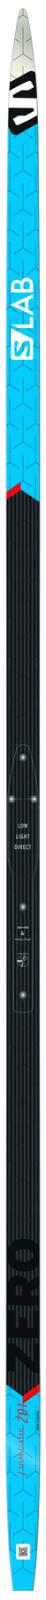 Salomon S/Lab Classic Zero